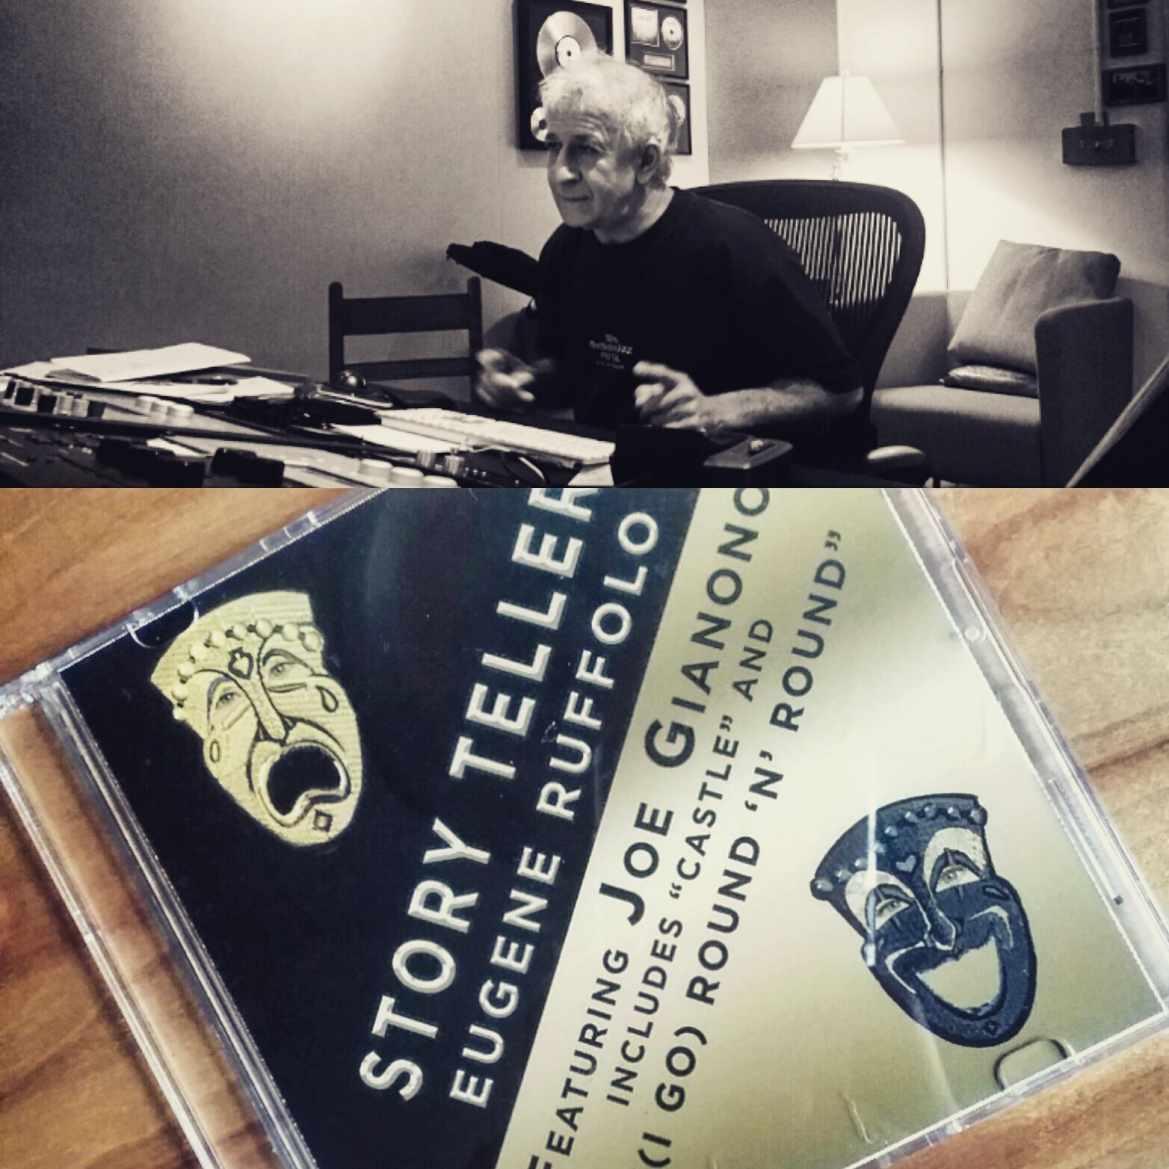 Joe Gianono - Arranger/Composer/Orchestrator - NYC